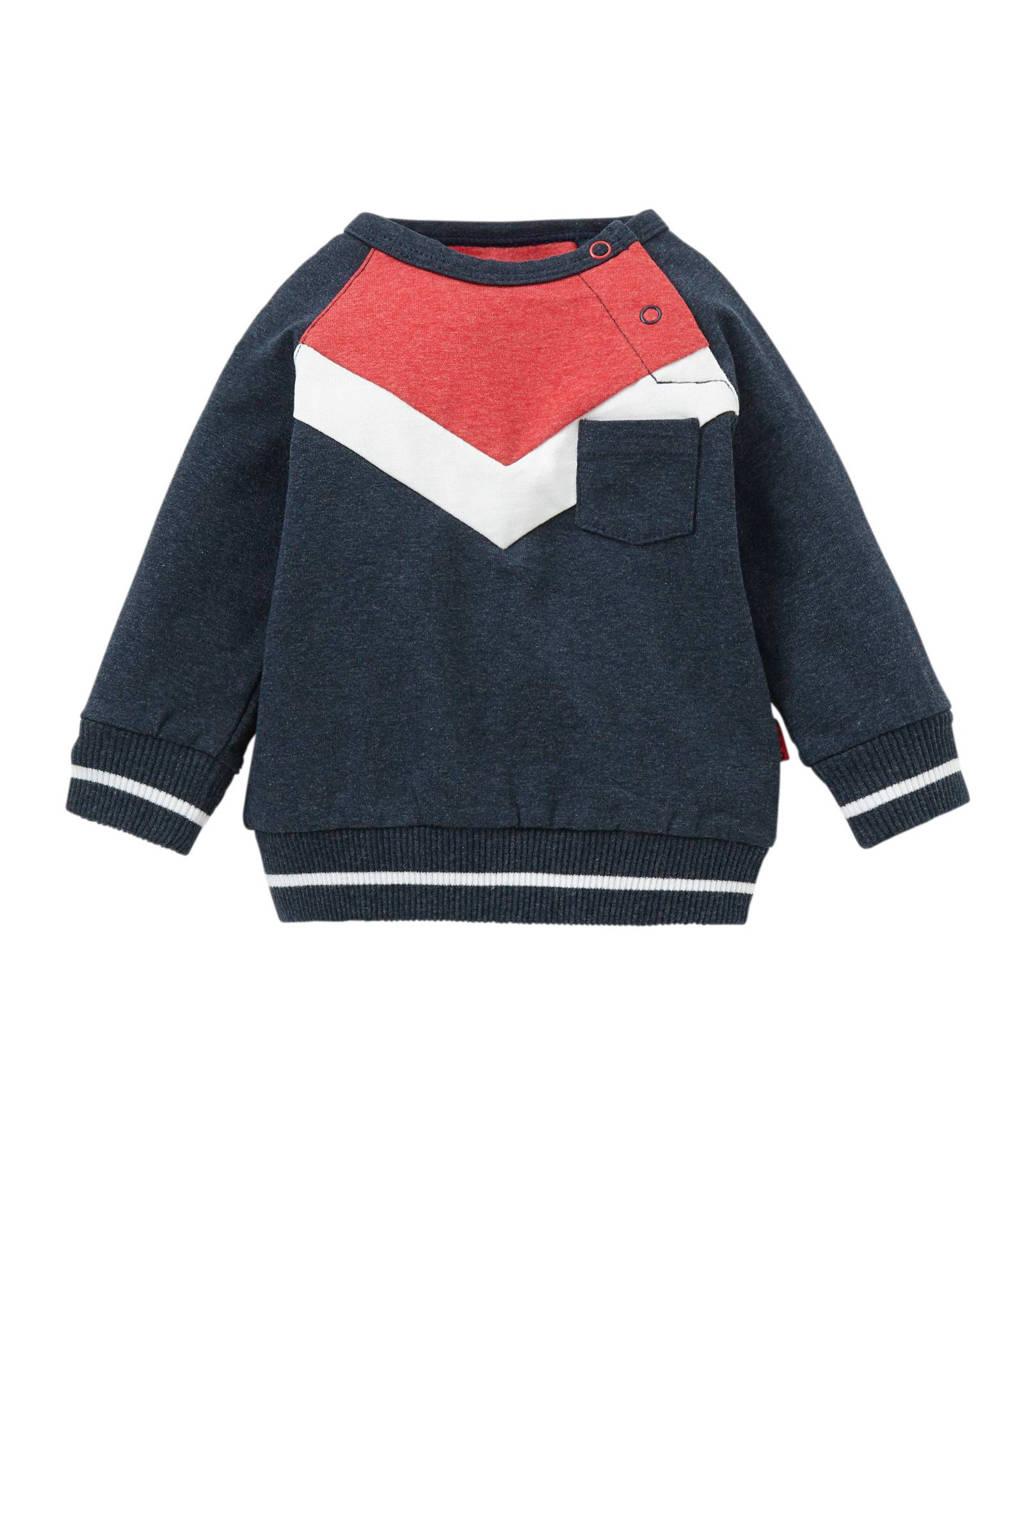 B.E.S.S newborn baby sweater, Donkerblauw/rood/wit